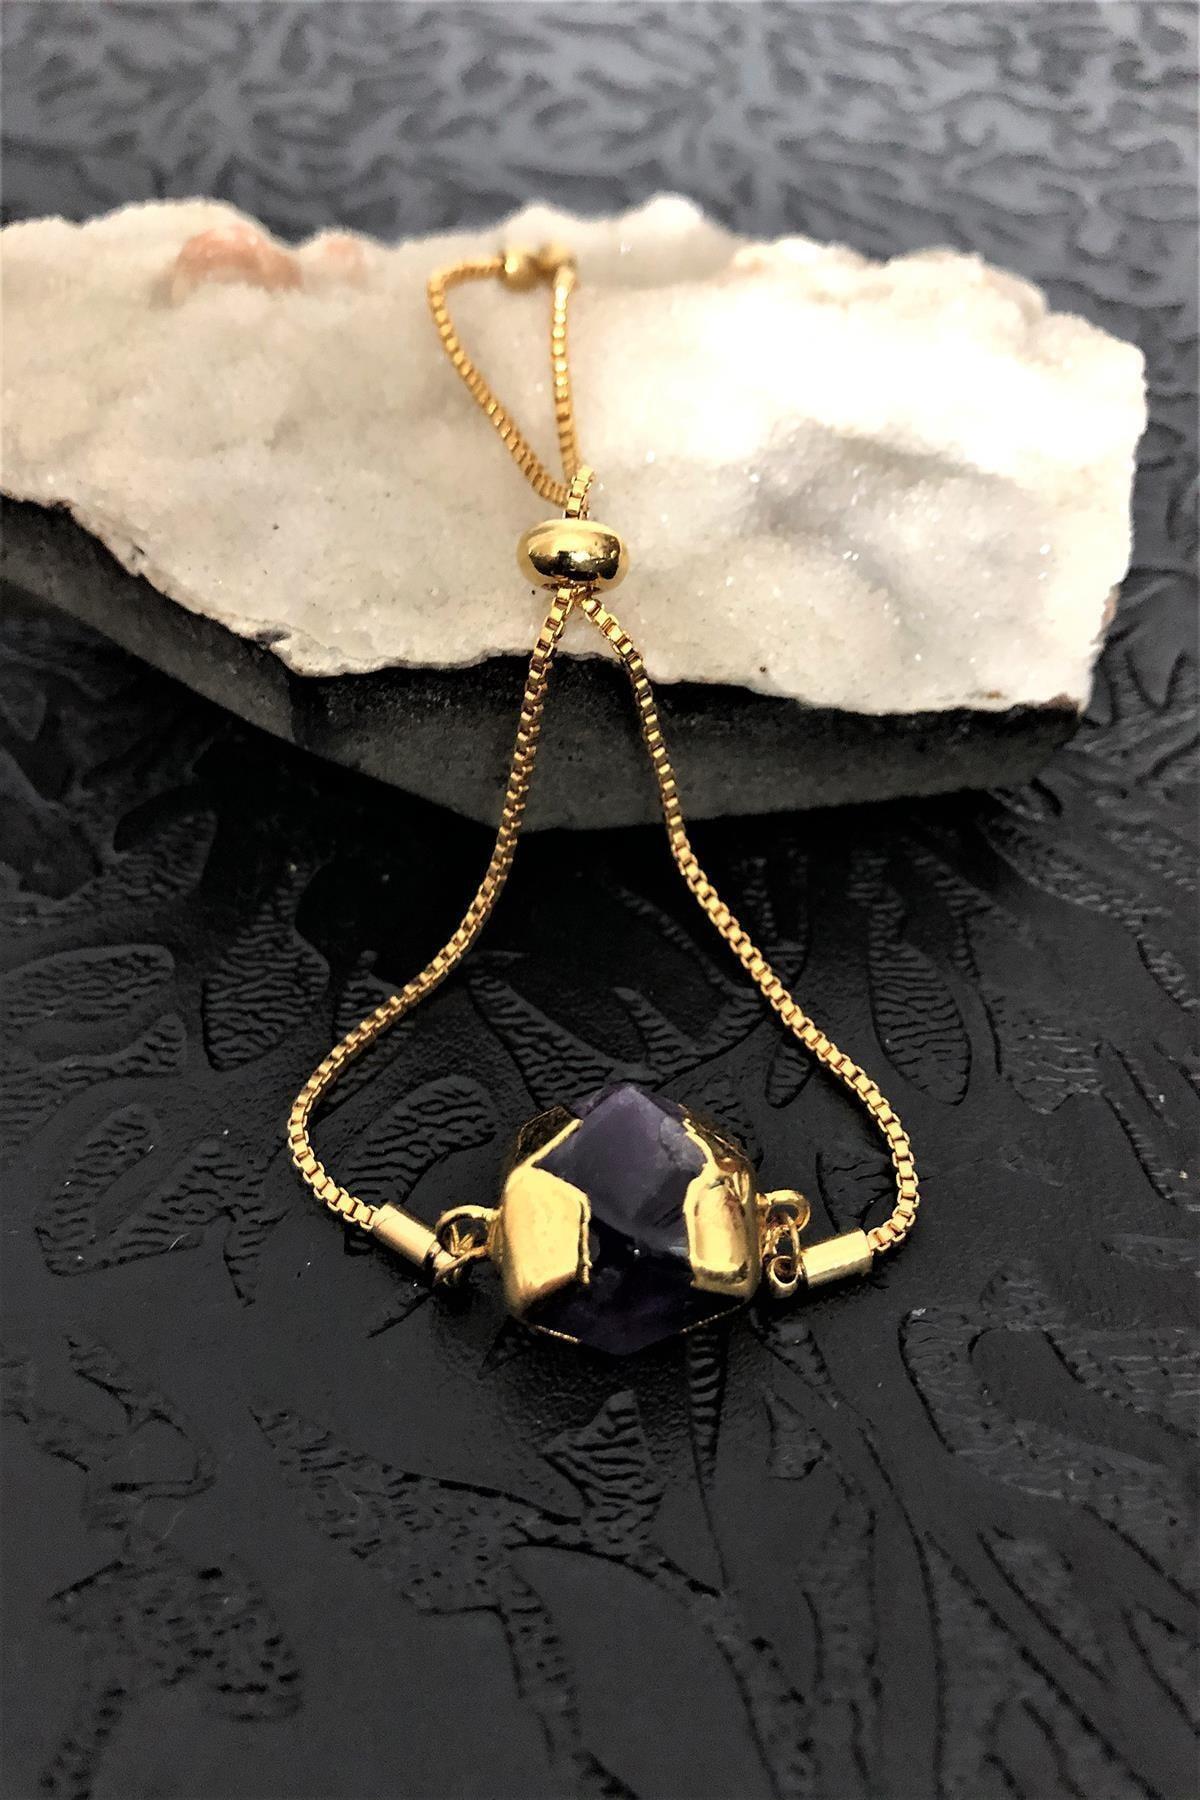 Dr. Stone Dr Stone Golden Ametist Taşı 22k Altın Kaplama El Yapımı Kadın Bileklik Tkrb24 1